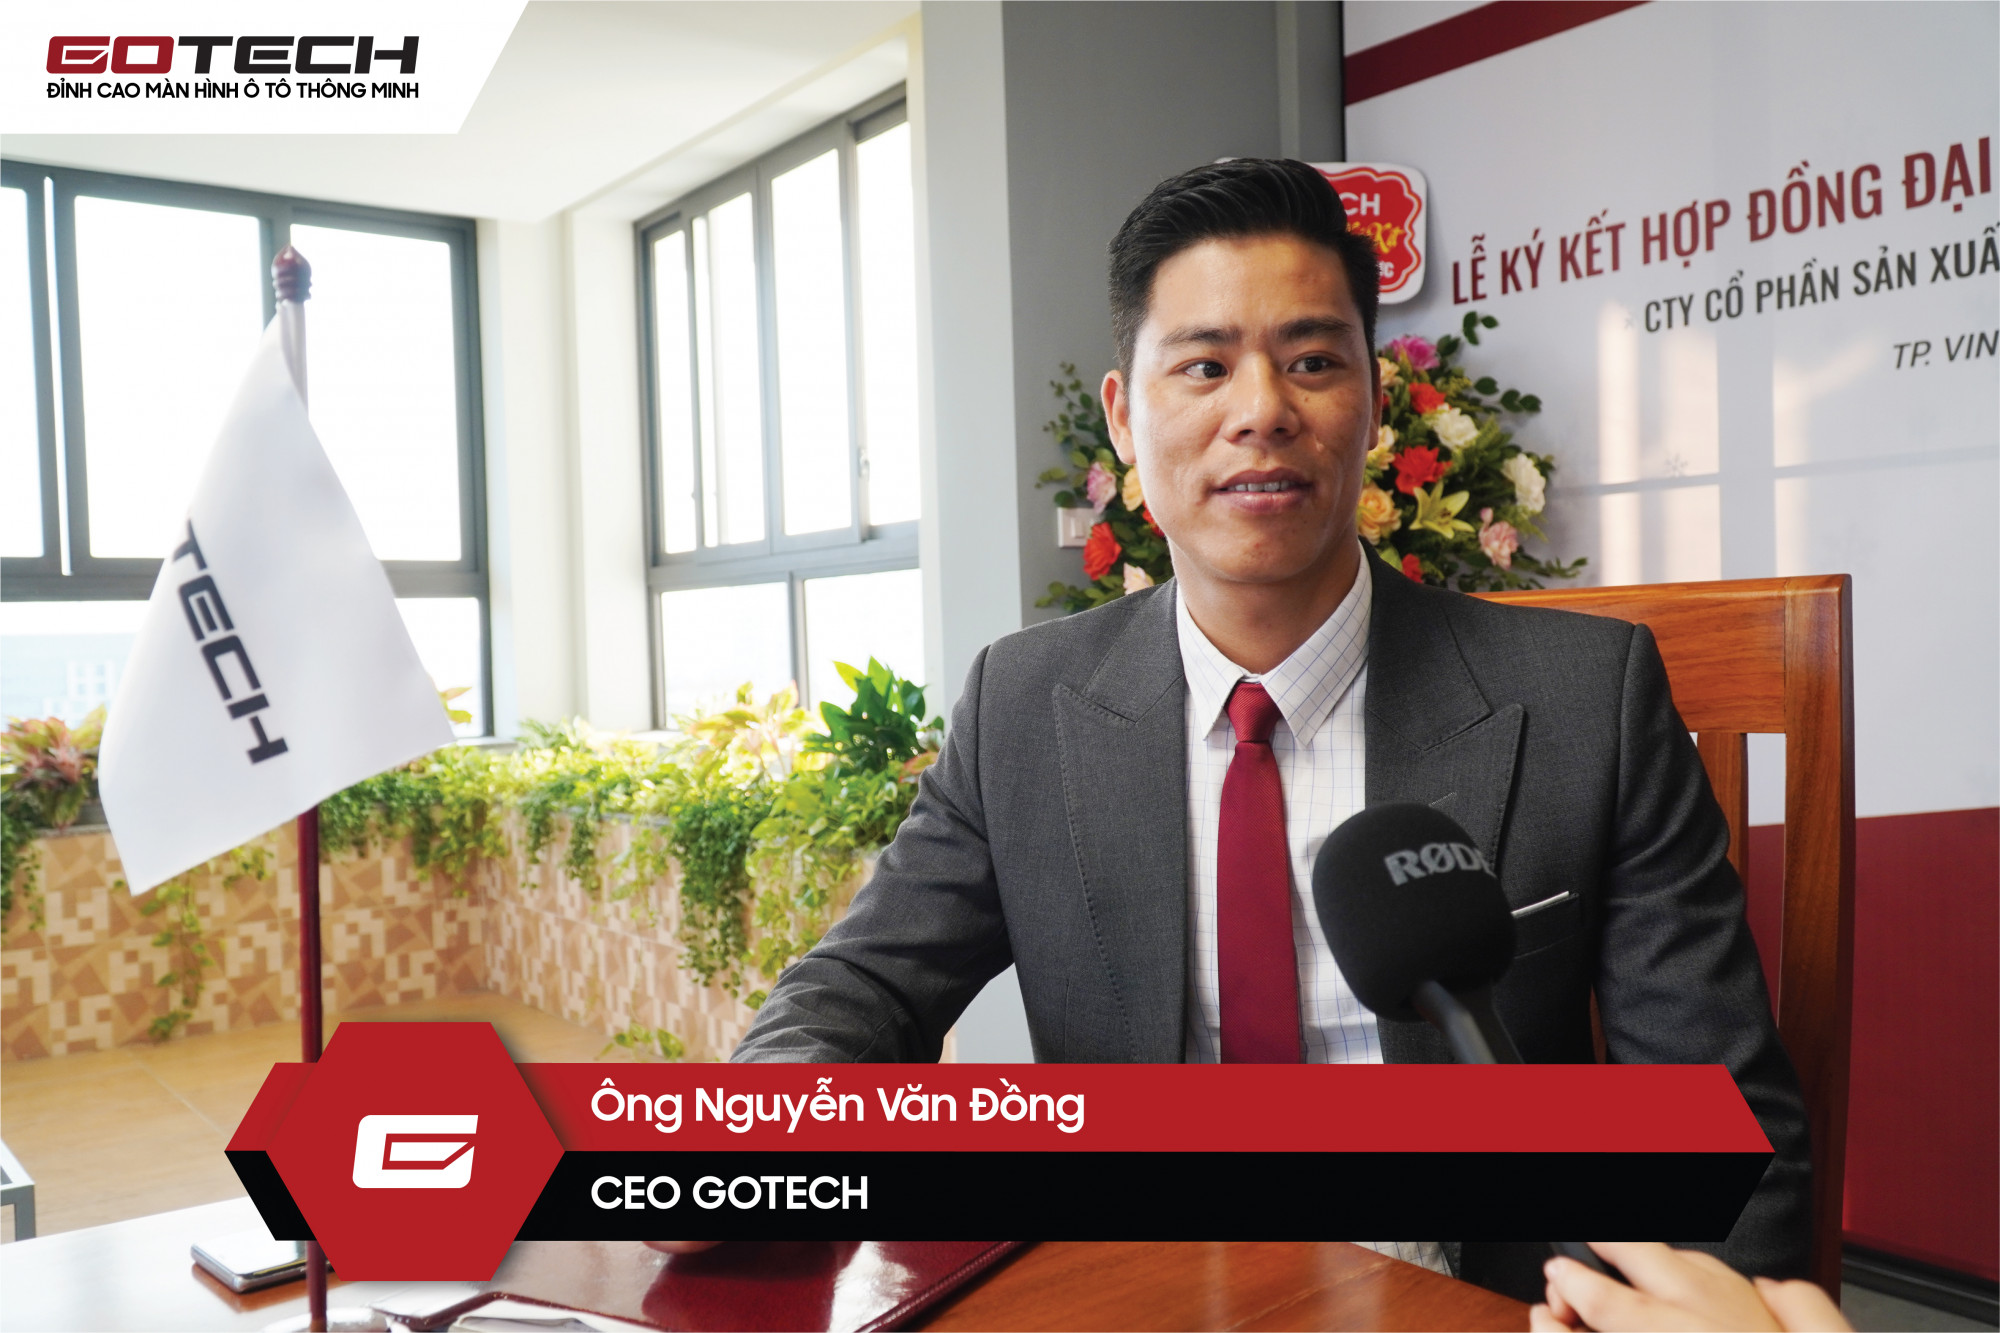 Ông Nguyễn Văn Đồng - Đại diện GOTECH nhấn mạnh sẽ luôn sát cánh cùng đại lý trong thời gian tới.